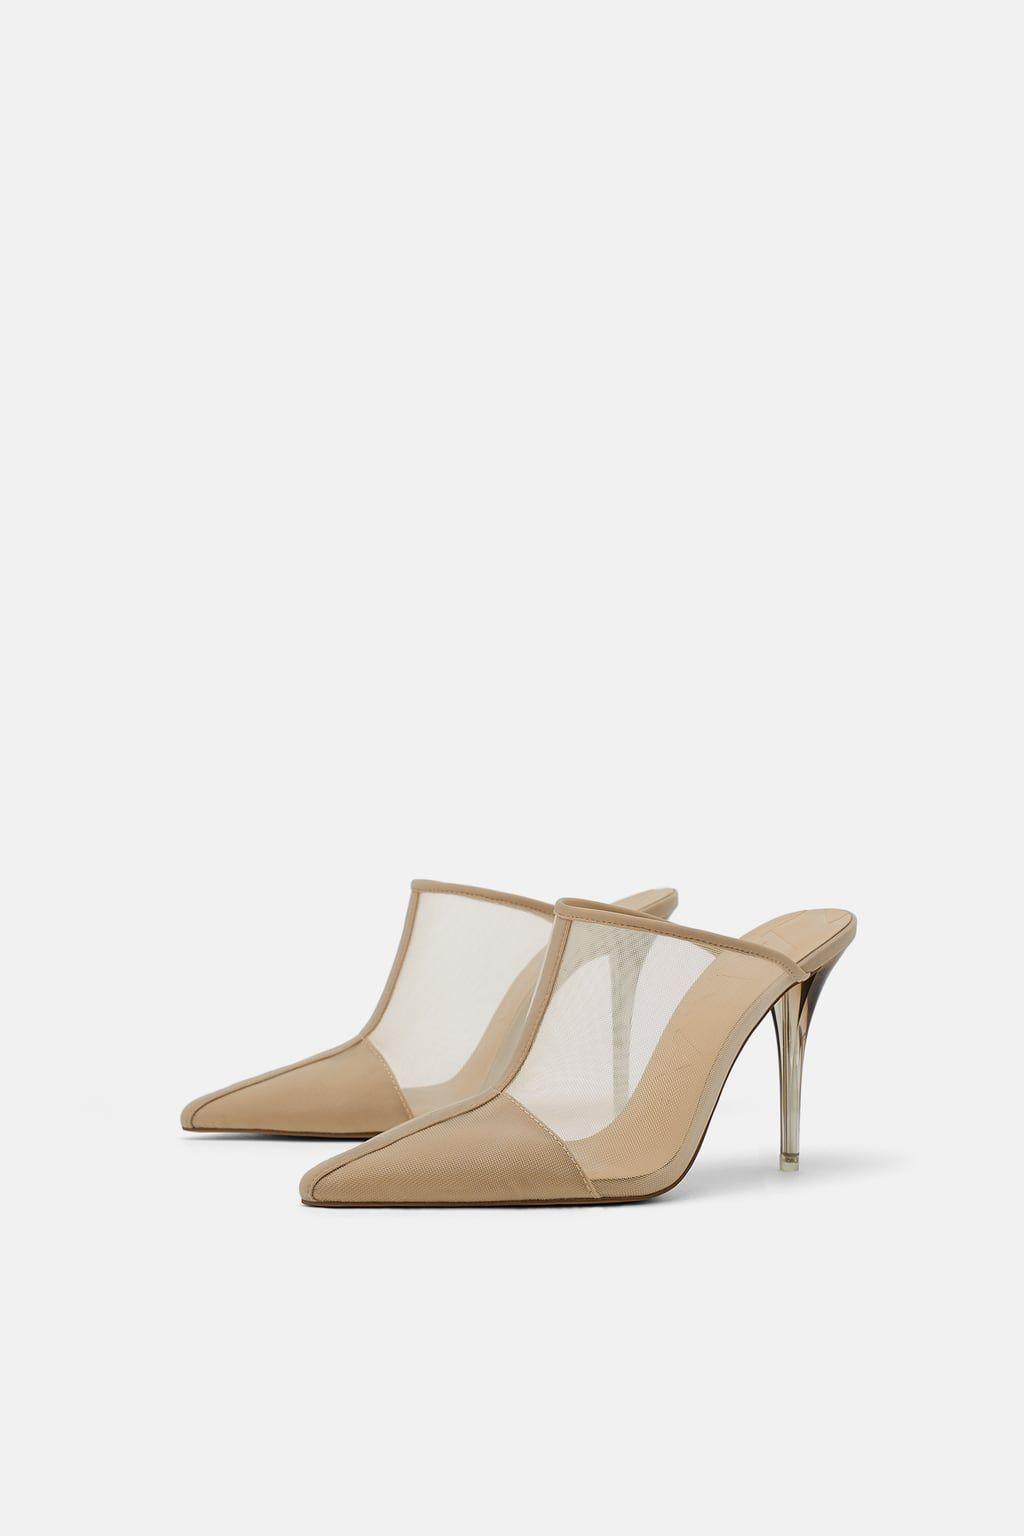 Slingback Kitten Heel Shoes Heels Kitten Heel Shoes Mules Shoes